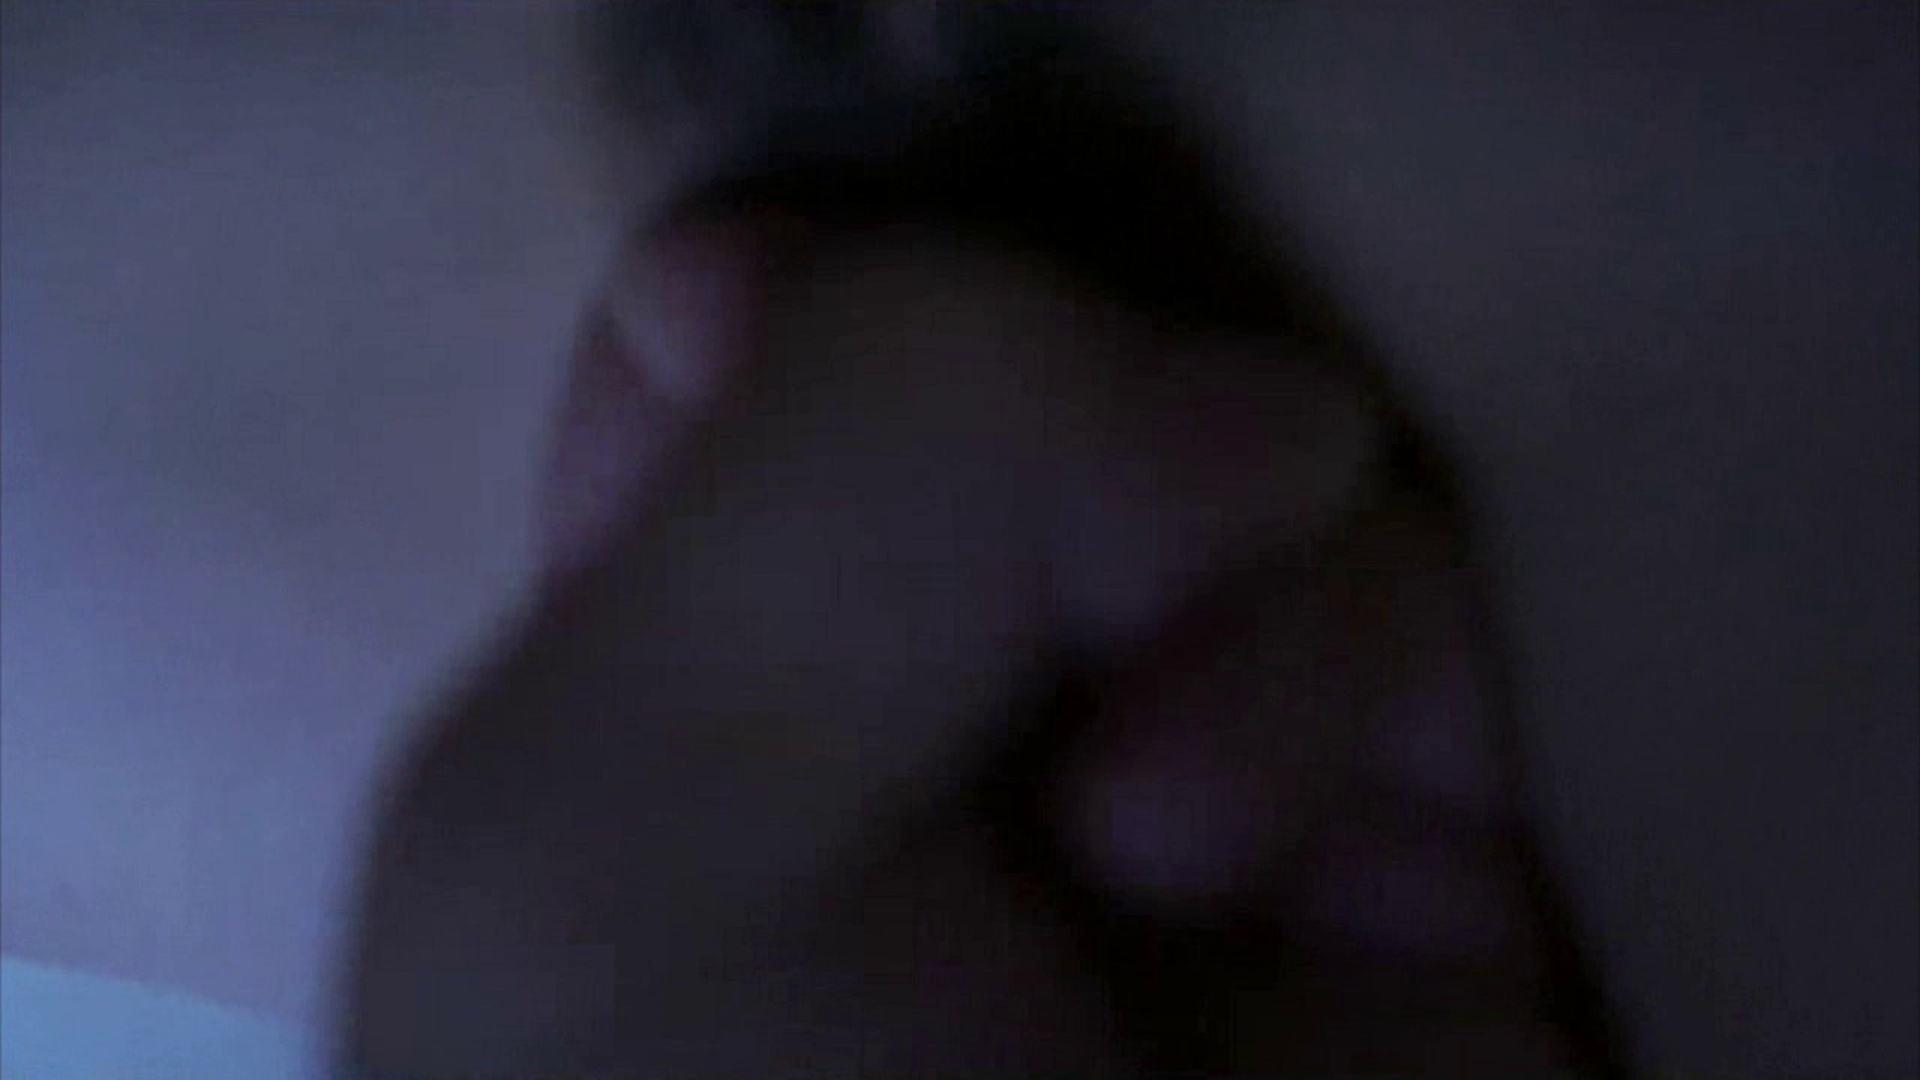 vol.6 -後編-ユリナちゃん妊娠したら責任取るからね・・・【MKB44位】 民家 AV動画キャプチャ 100画像 94